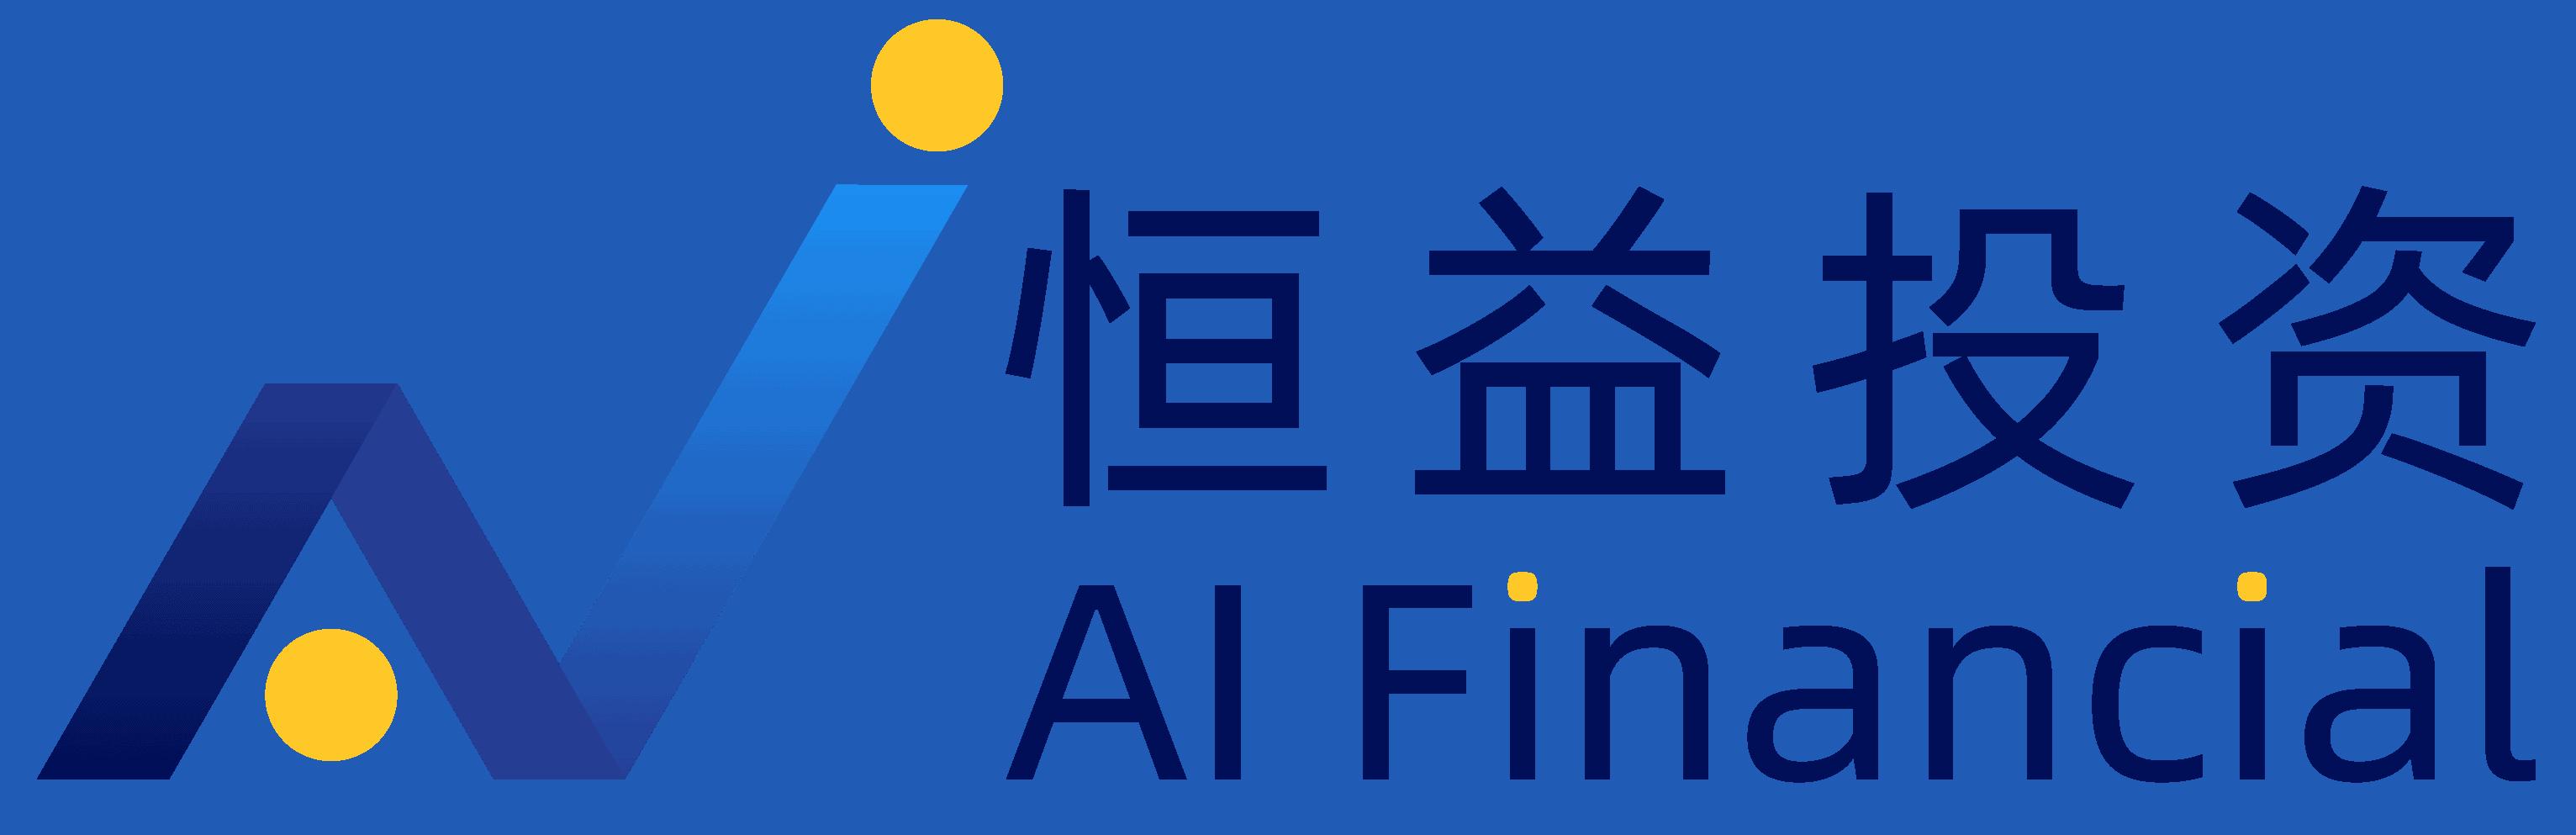 AI Financial 恒益投资